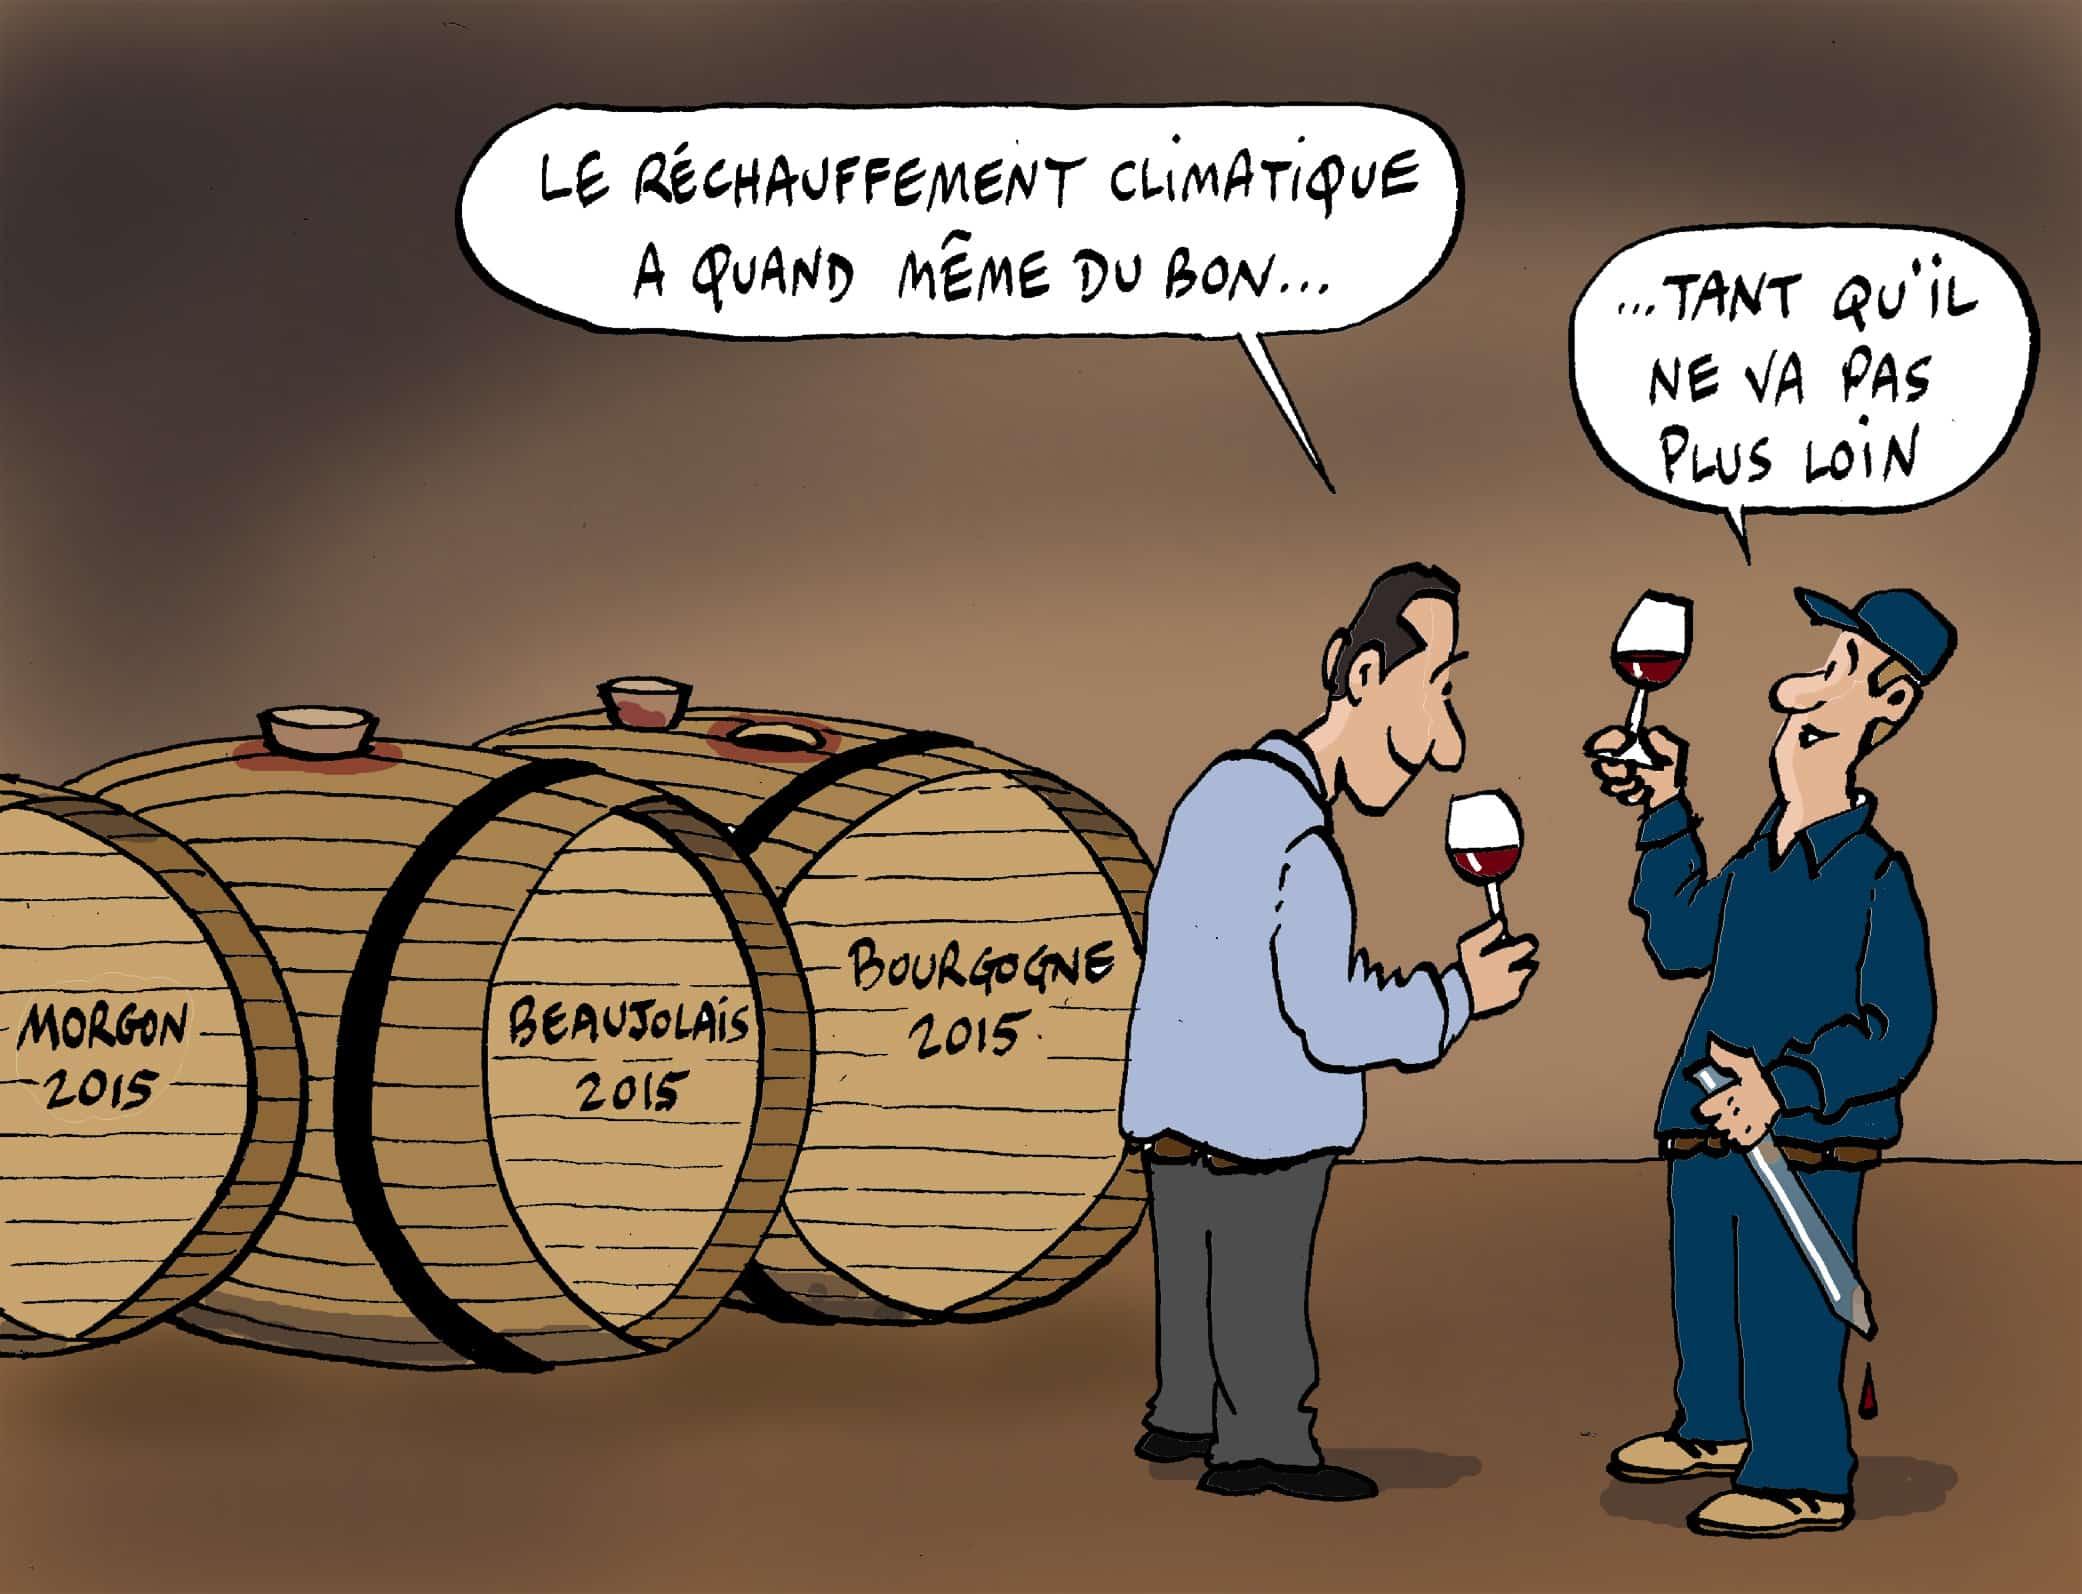 vins etonnants rechauffement climatique